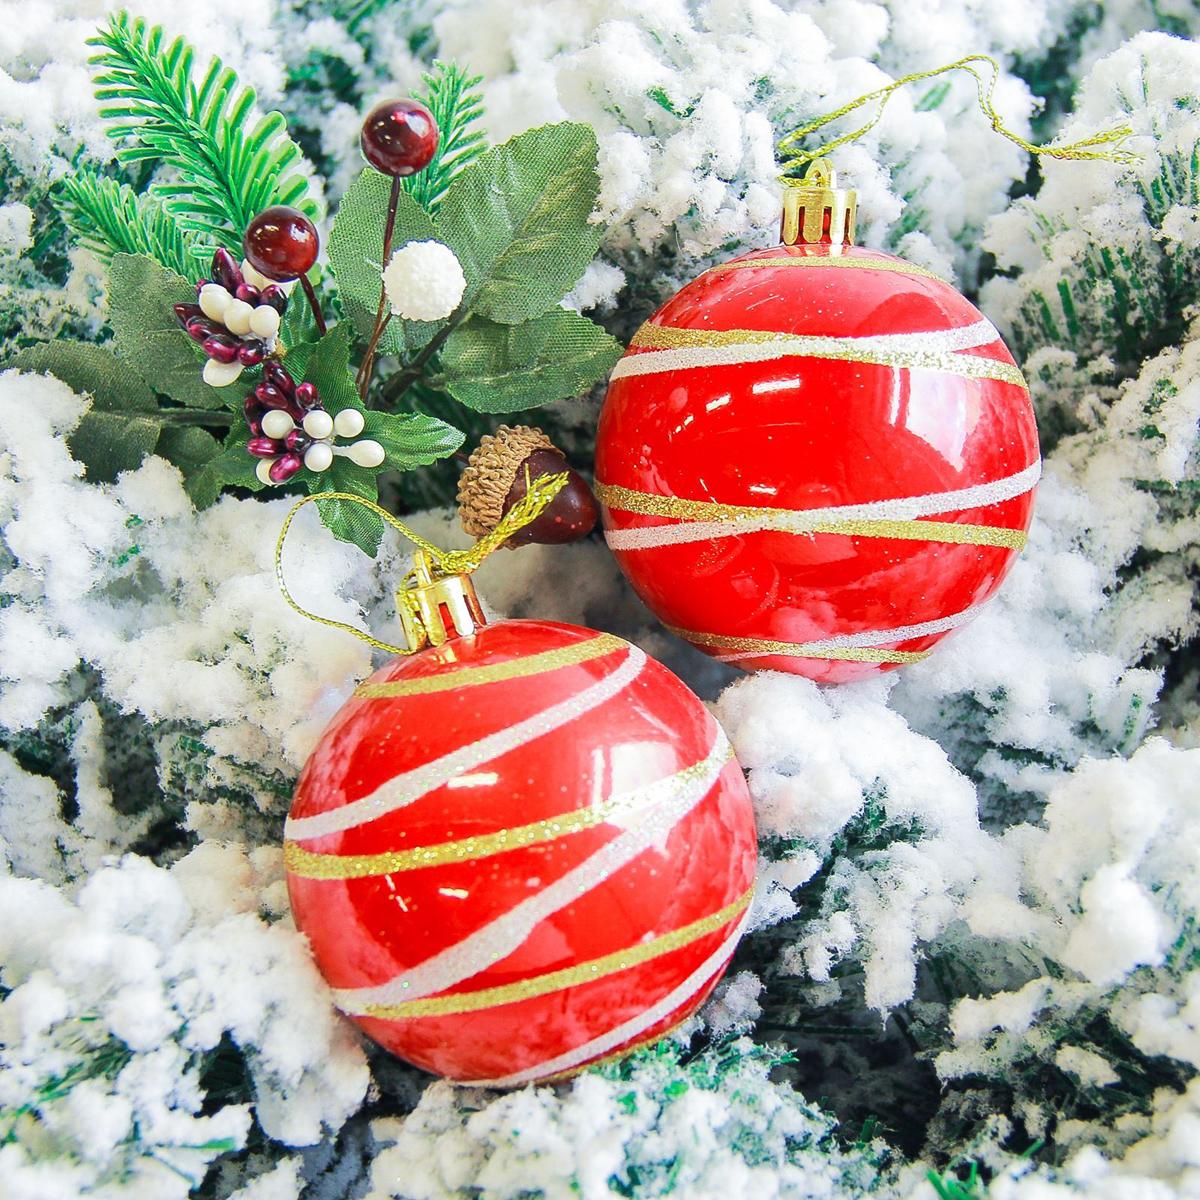 Набор новогодних подвесных украшений Sima-land Орион, цвет: красный, диаметр 7 см, 6 шт2178213Набор новогодних подвесных украшений Sima-land отлично подойдет для декорации вашего дома и новогодней ели. С помощью специальной петельки украшение можно повесить в любом понравившемся вам месте. Но, конечно, удачнее всего оно будет смотреться на праздничной елке. Елочная игрушка - символ Нового года. Она несет в себе волшебство и красоту праздника. Создайте в своем доме атмосферу веселья и радости, украшая новогоднюю елку нарядными игрушками, которые будут из года в год накапливать теплоту воспоминаний.